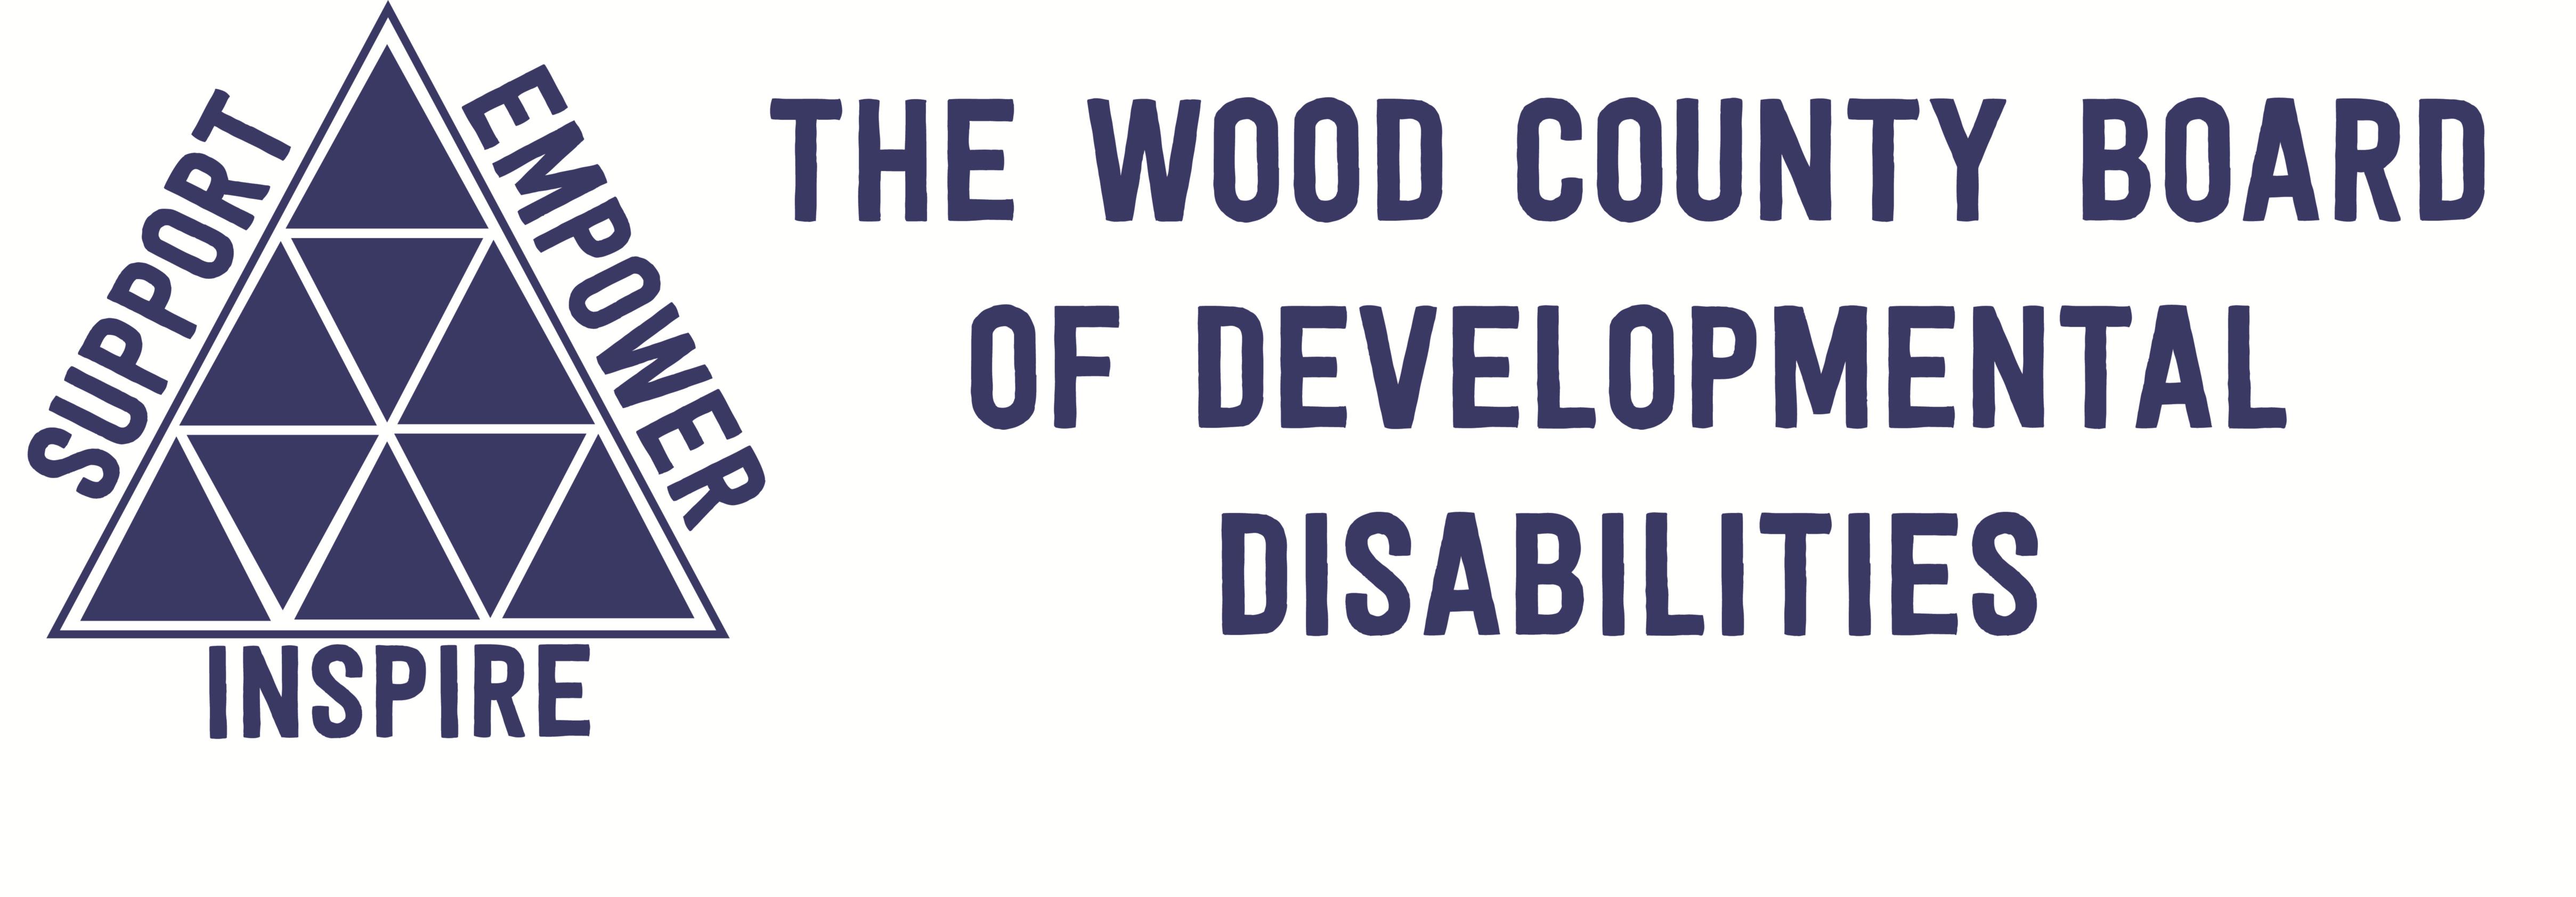 Wood County Board of Developmental Disabilities logo